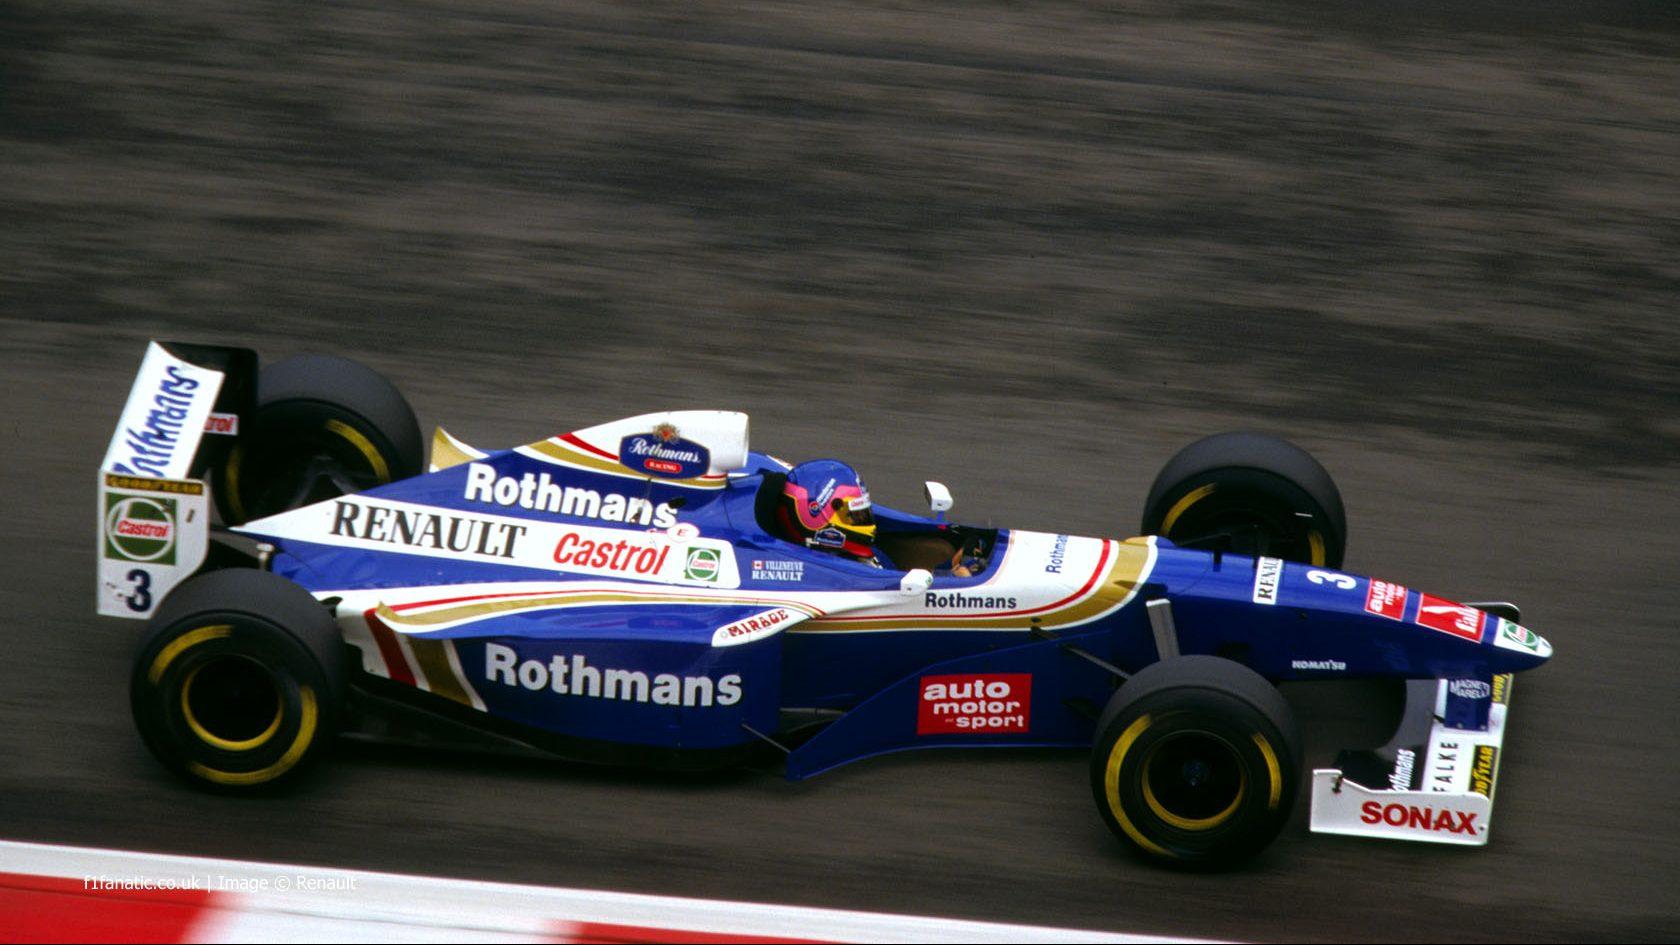 Jacques Villeneuve, Williams, Spa, 1997